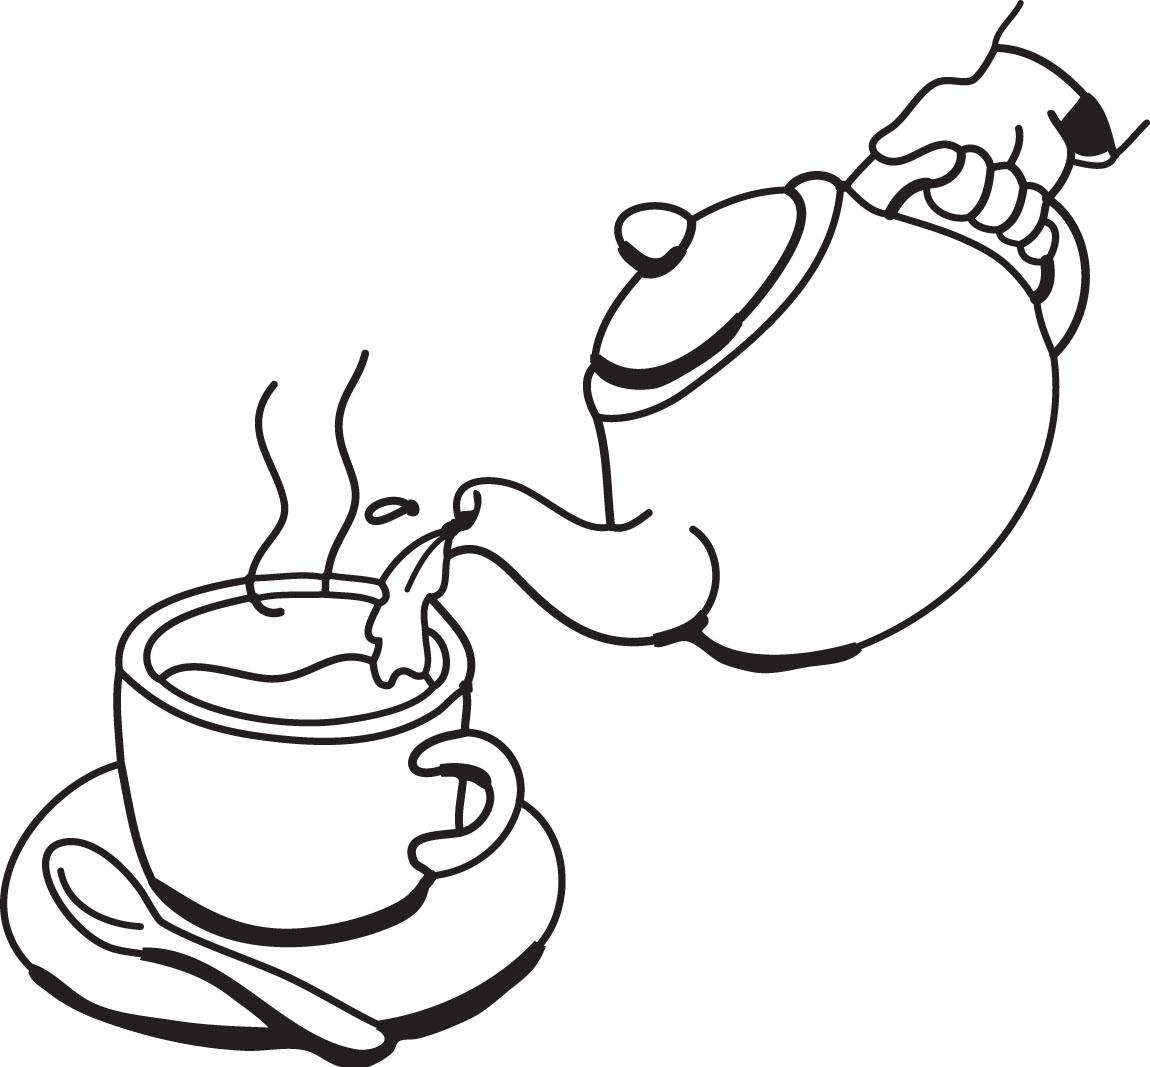 1150x1067 Teapot Fancy Teacup Clip Art Free Clipart Images 2